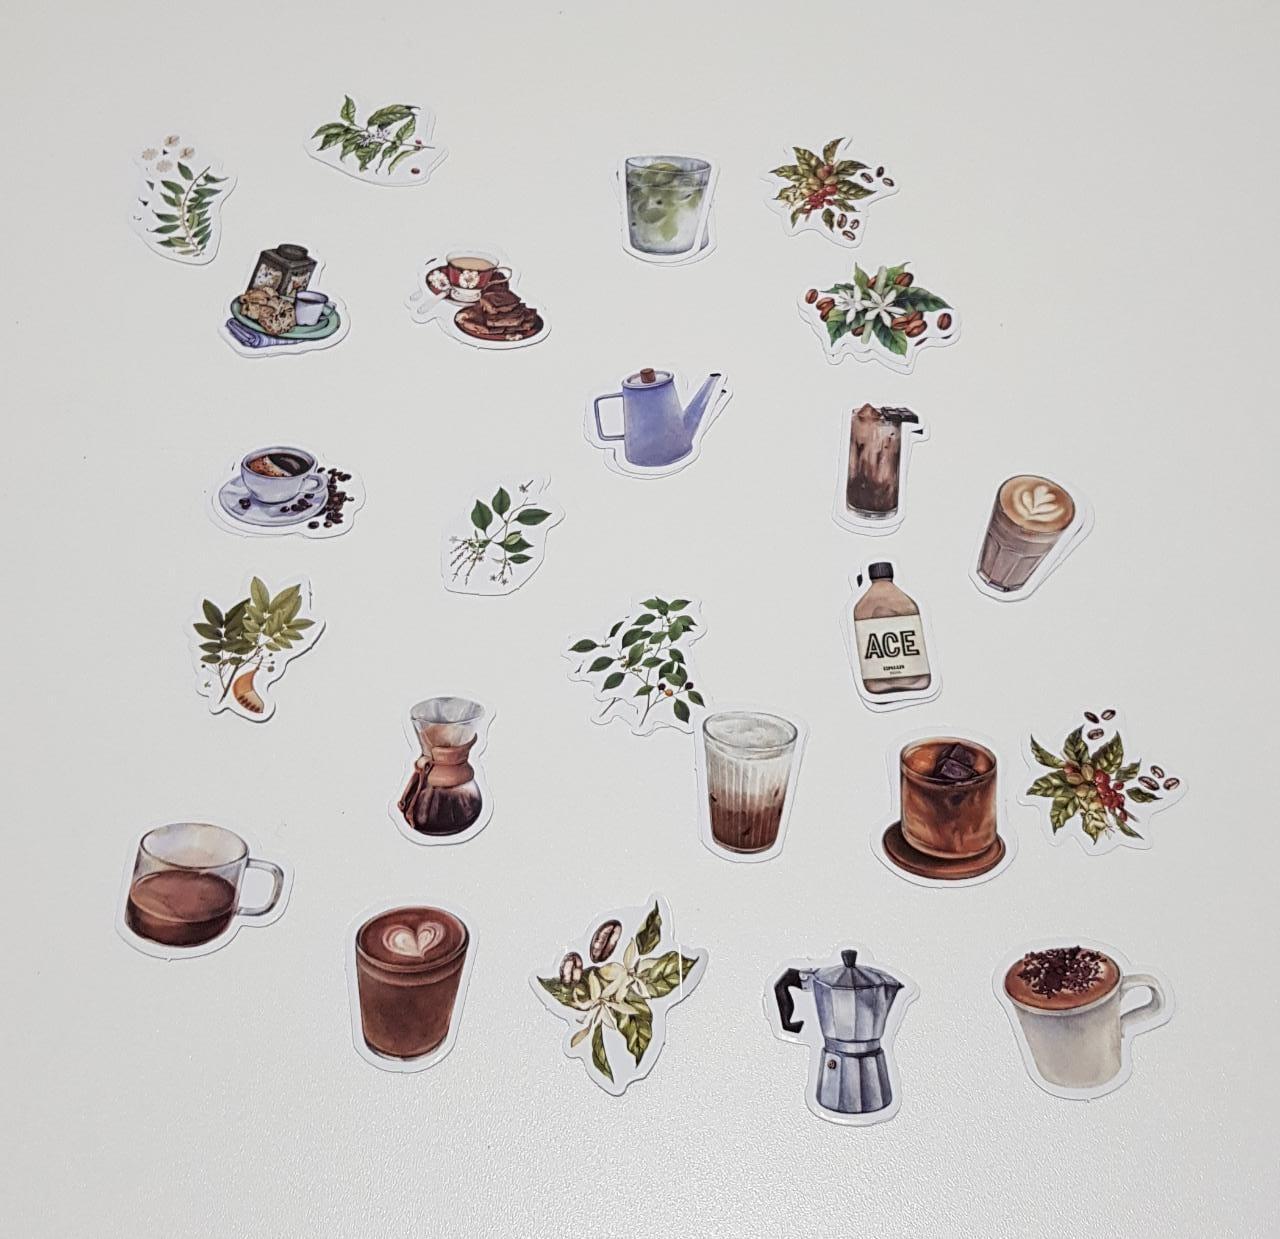 Adesivo Café